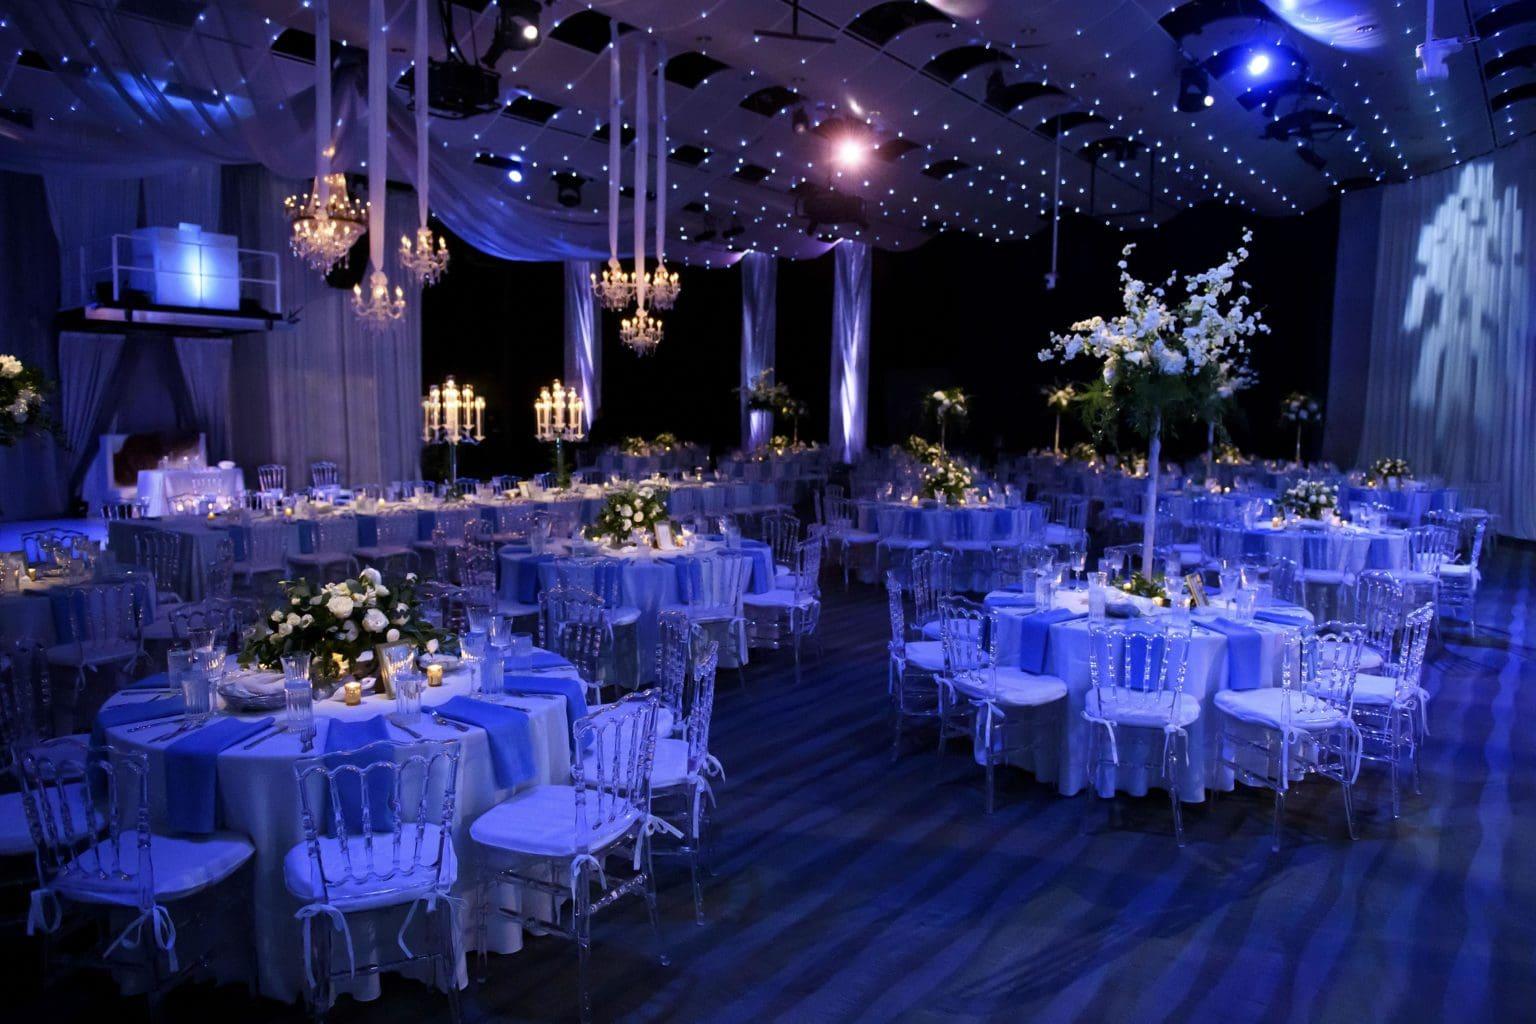 Seawell Ballroom Wedding